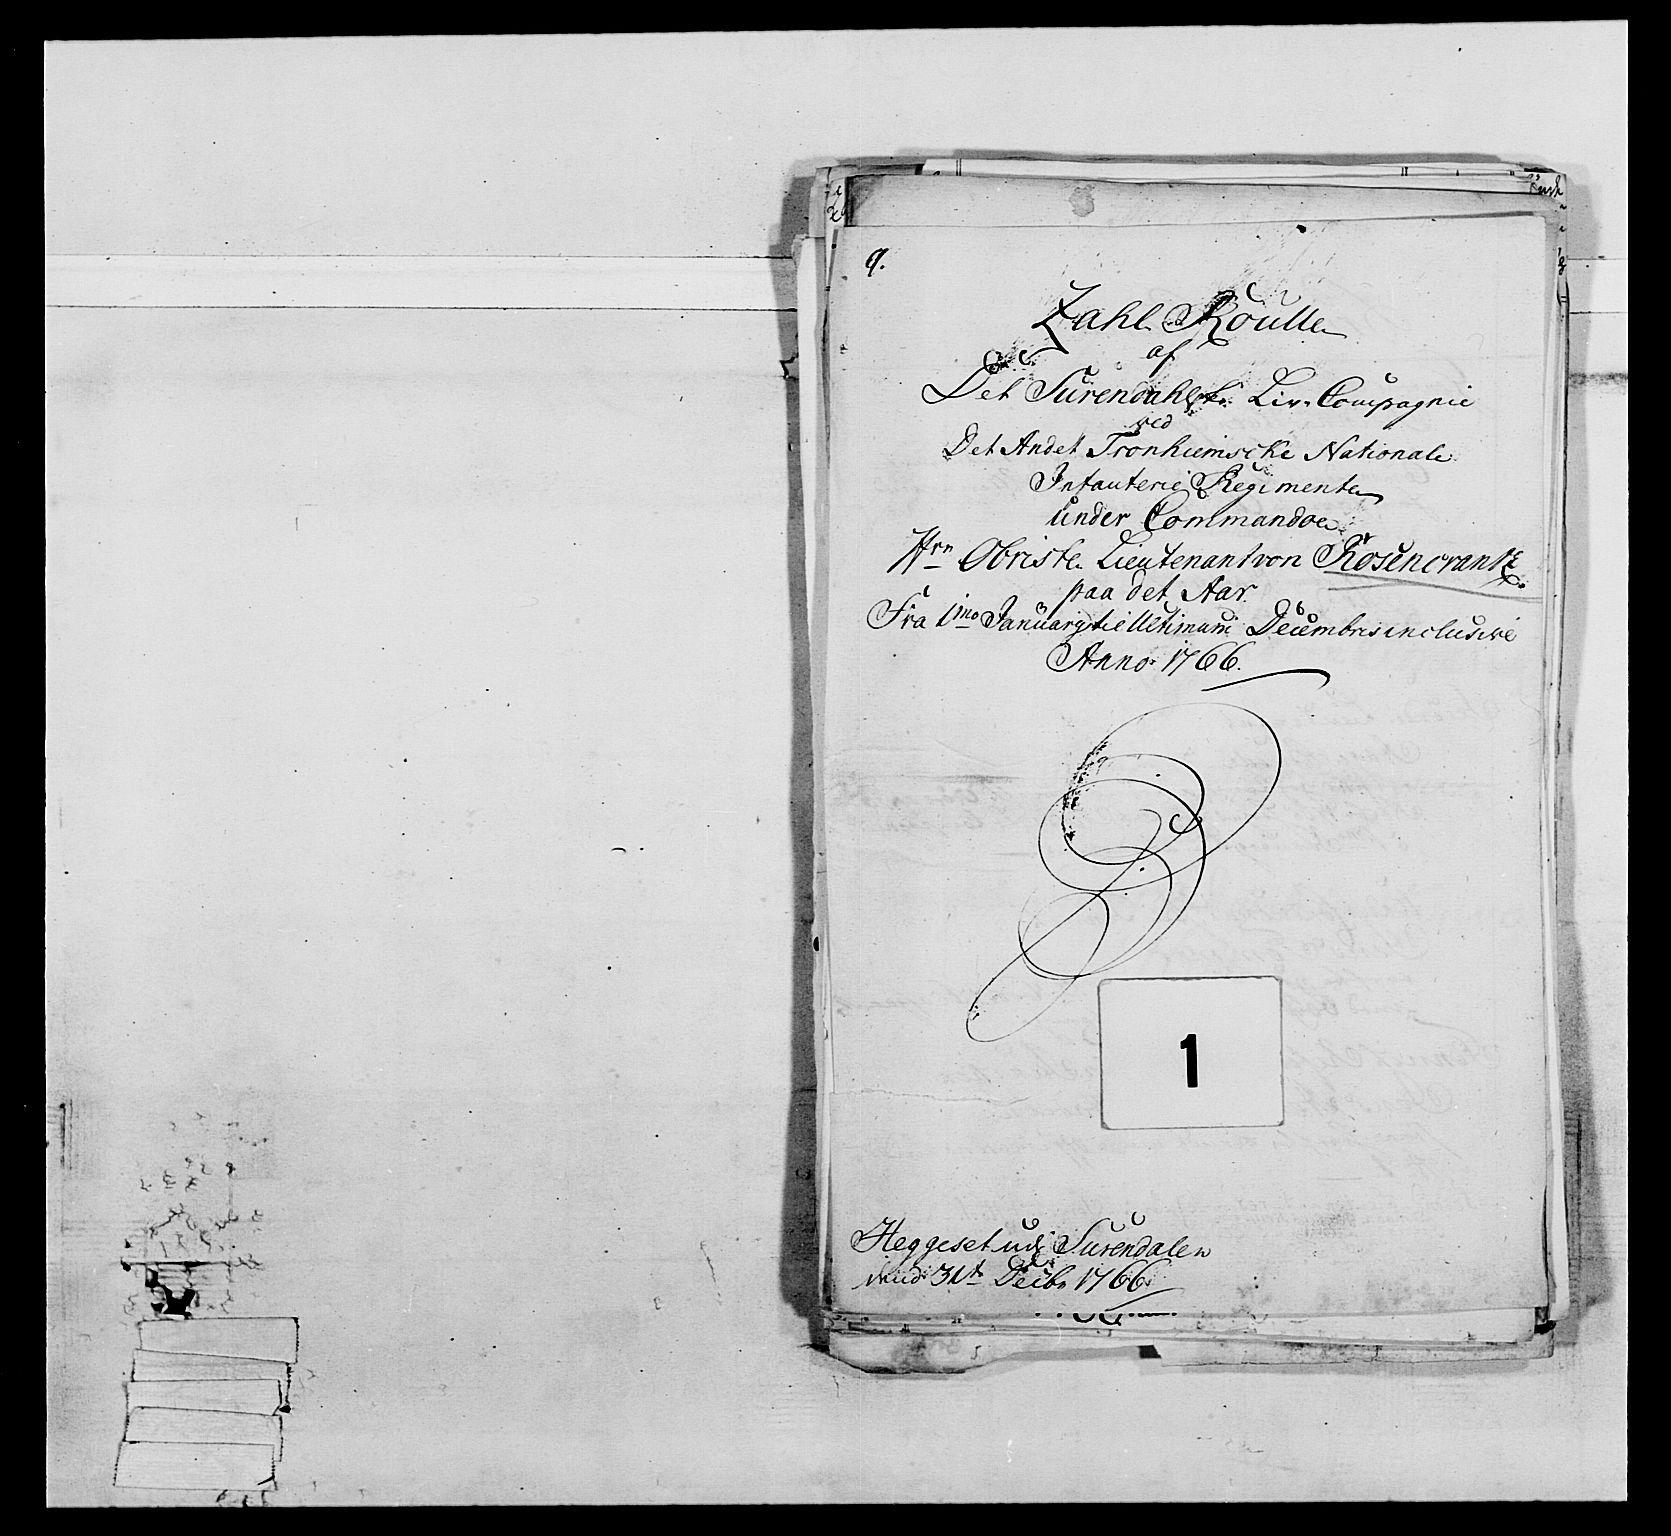 RA, Generalitets- og kommissariatskollegiet, Det kongelige norske kommissariatskollegium, E/Eh/L0076: 2. Trondheimske nasjonale infanteriregiment, 1766-1773, s. 11